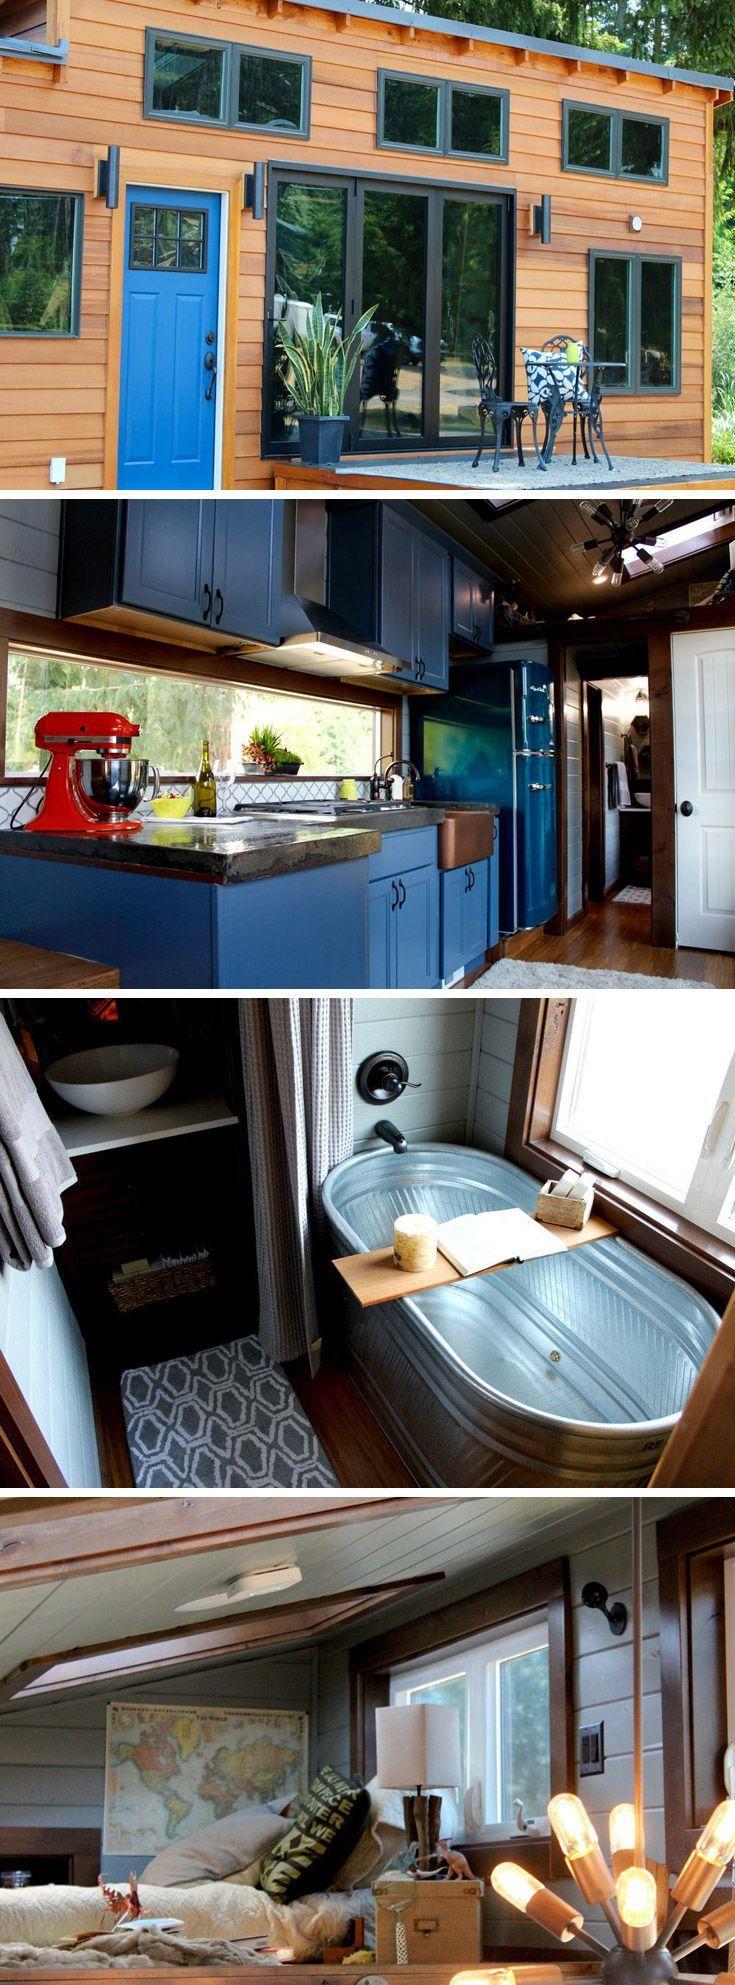 TINY HOUSE DESIGN INSPIRATION NO 27